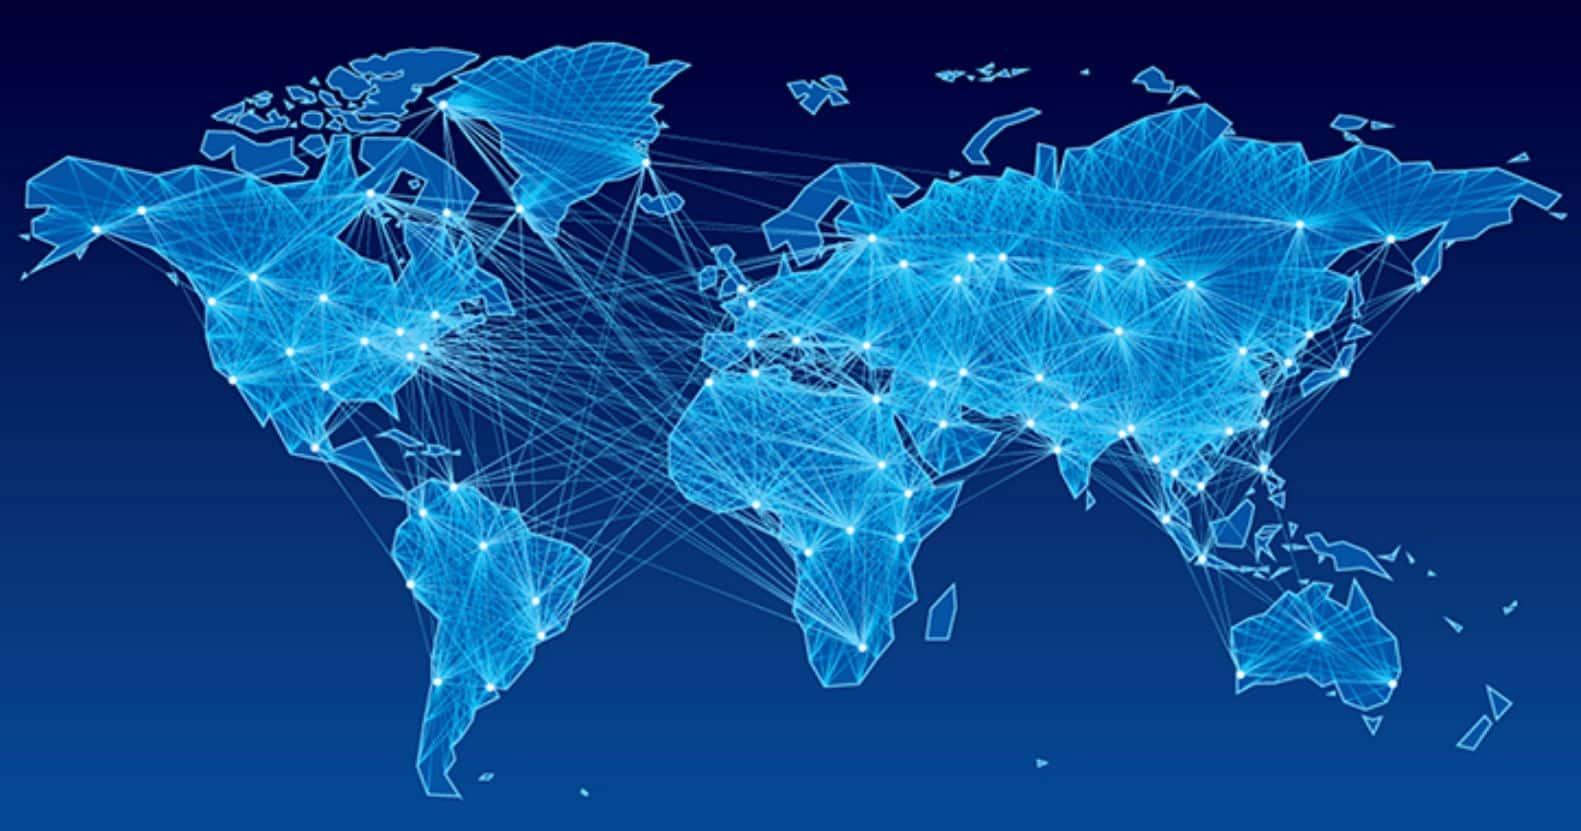 dünya internet ağı